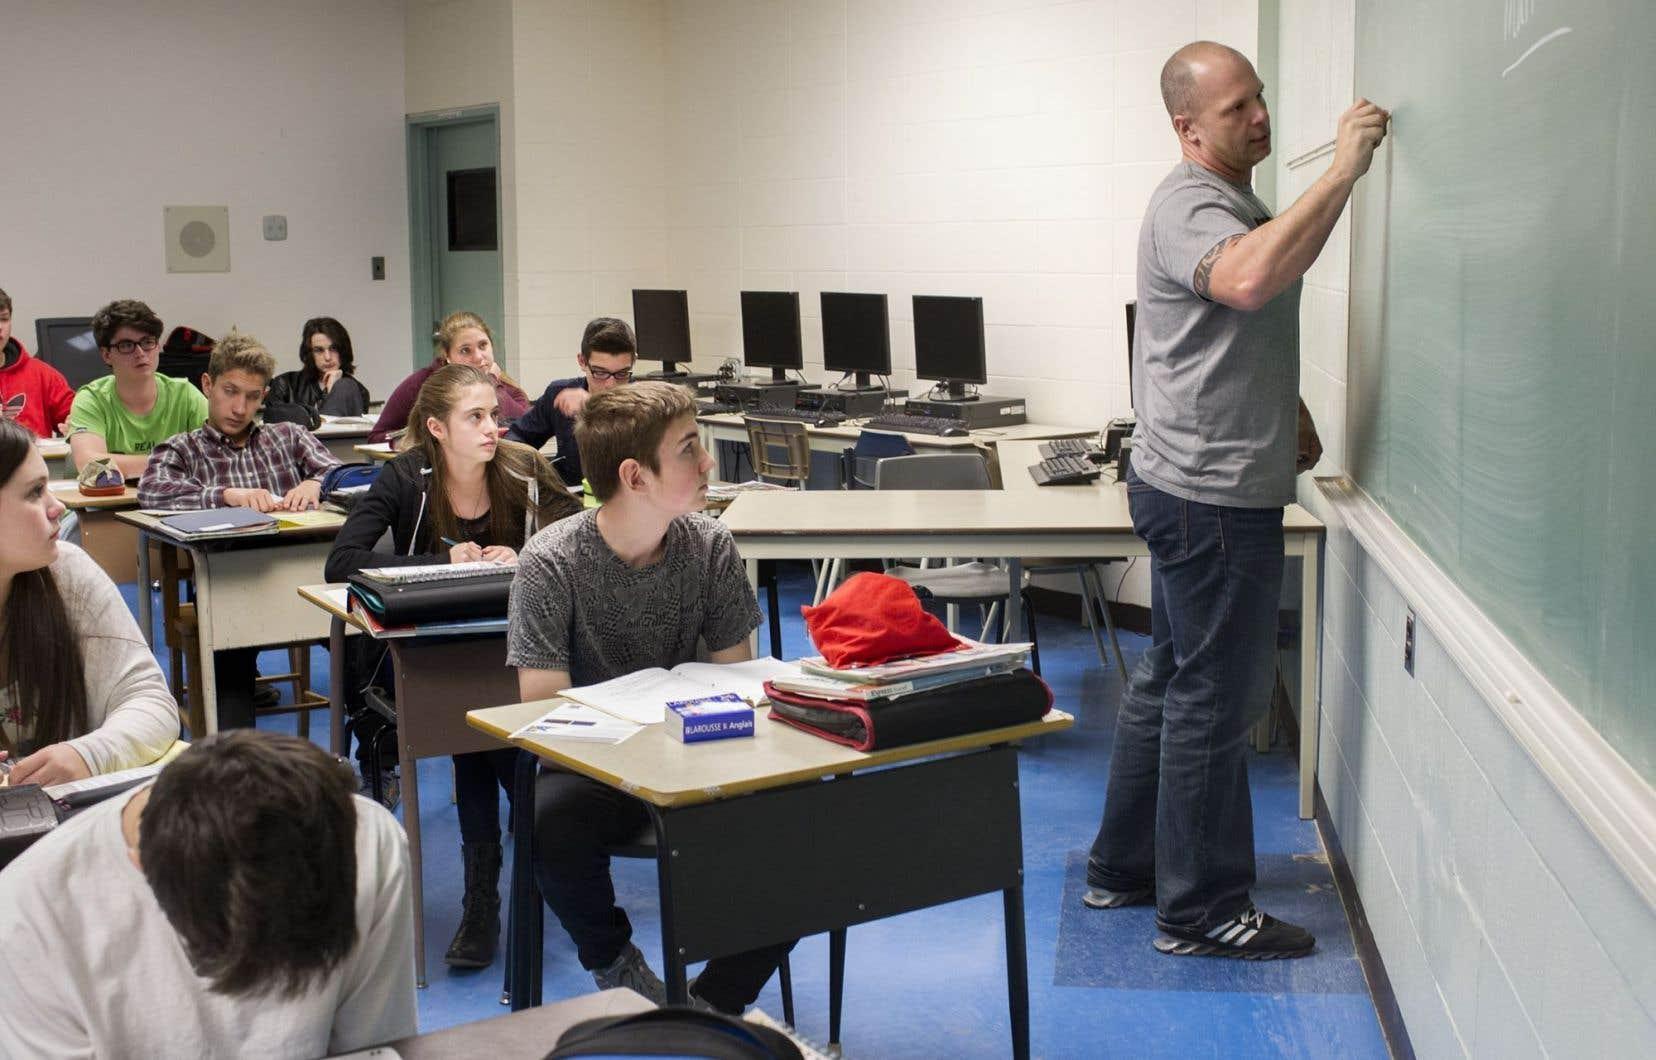 Les trois quarts des enseignants ayant répondu à un sondage Léger disent souhaiter la tenue d'une commission parlementaire qui se pencherait sur la façon d'attribuer les notes des élèves.